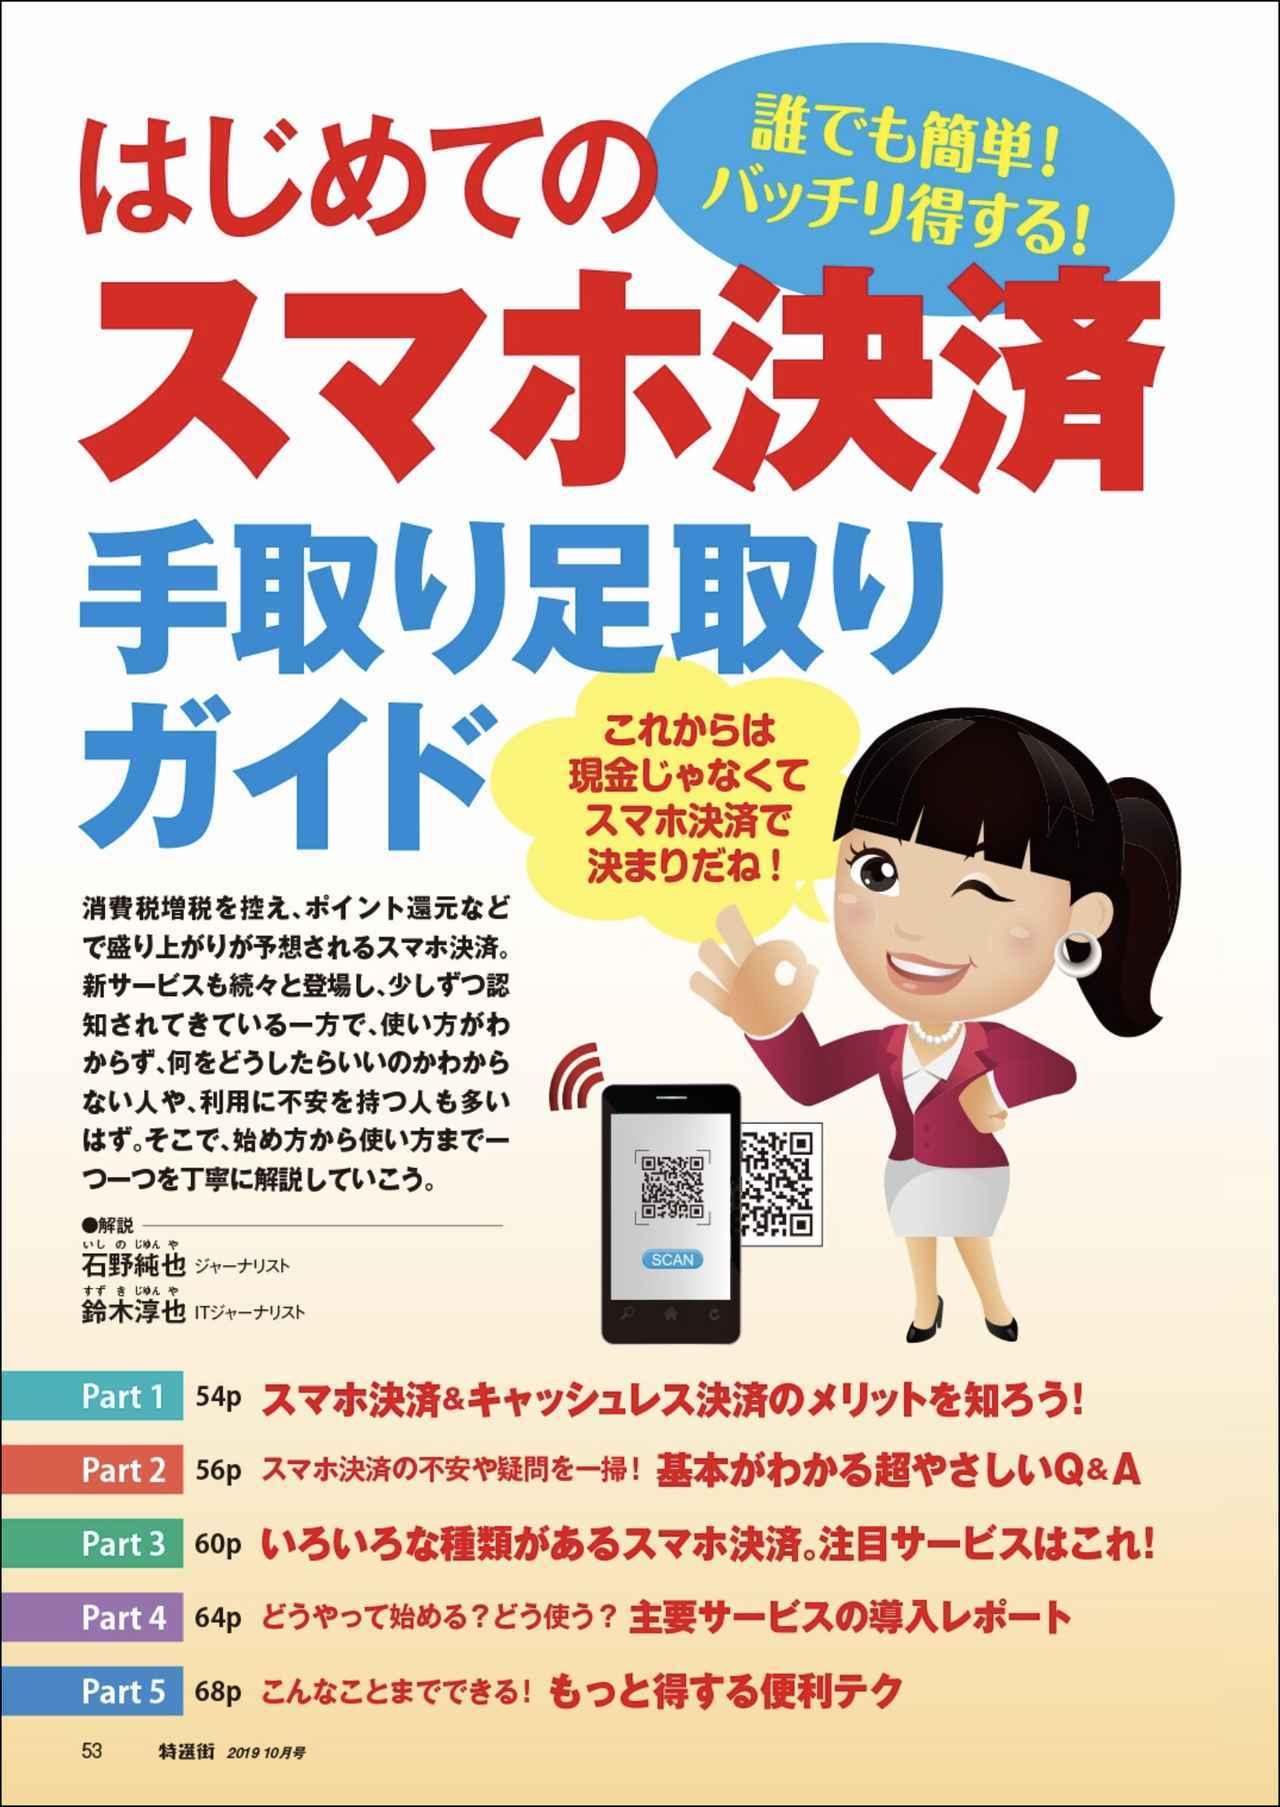 画像3: 『特選街』10月号本日発売! 「LINE」「インスタ」「ツイッター」「スマホ決済」を大特集!